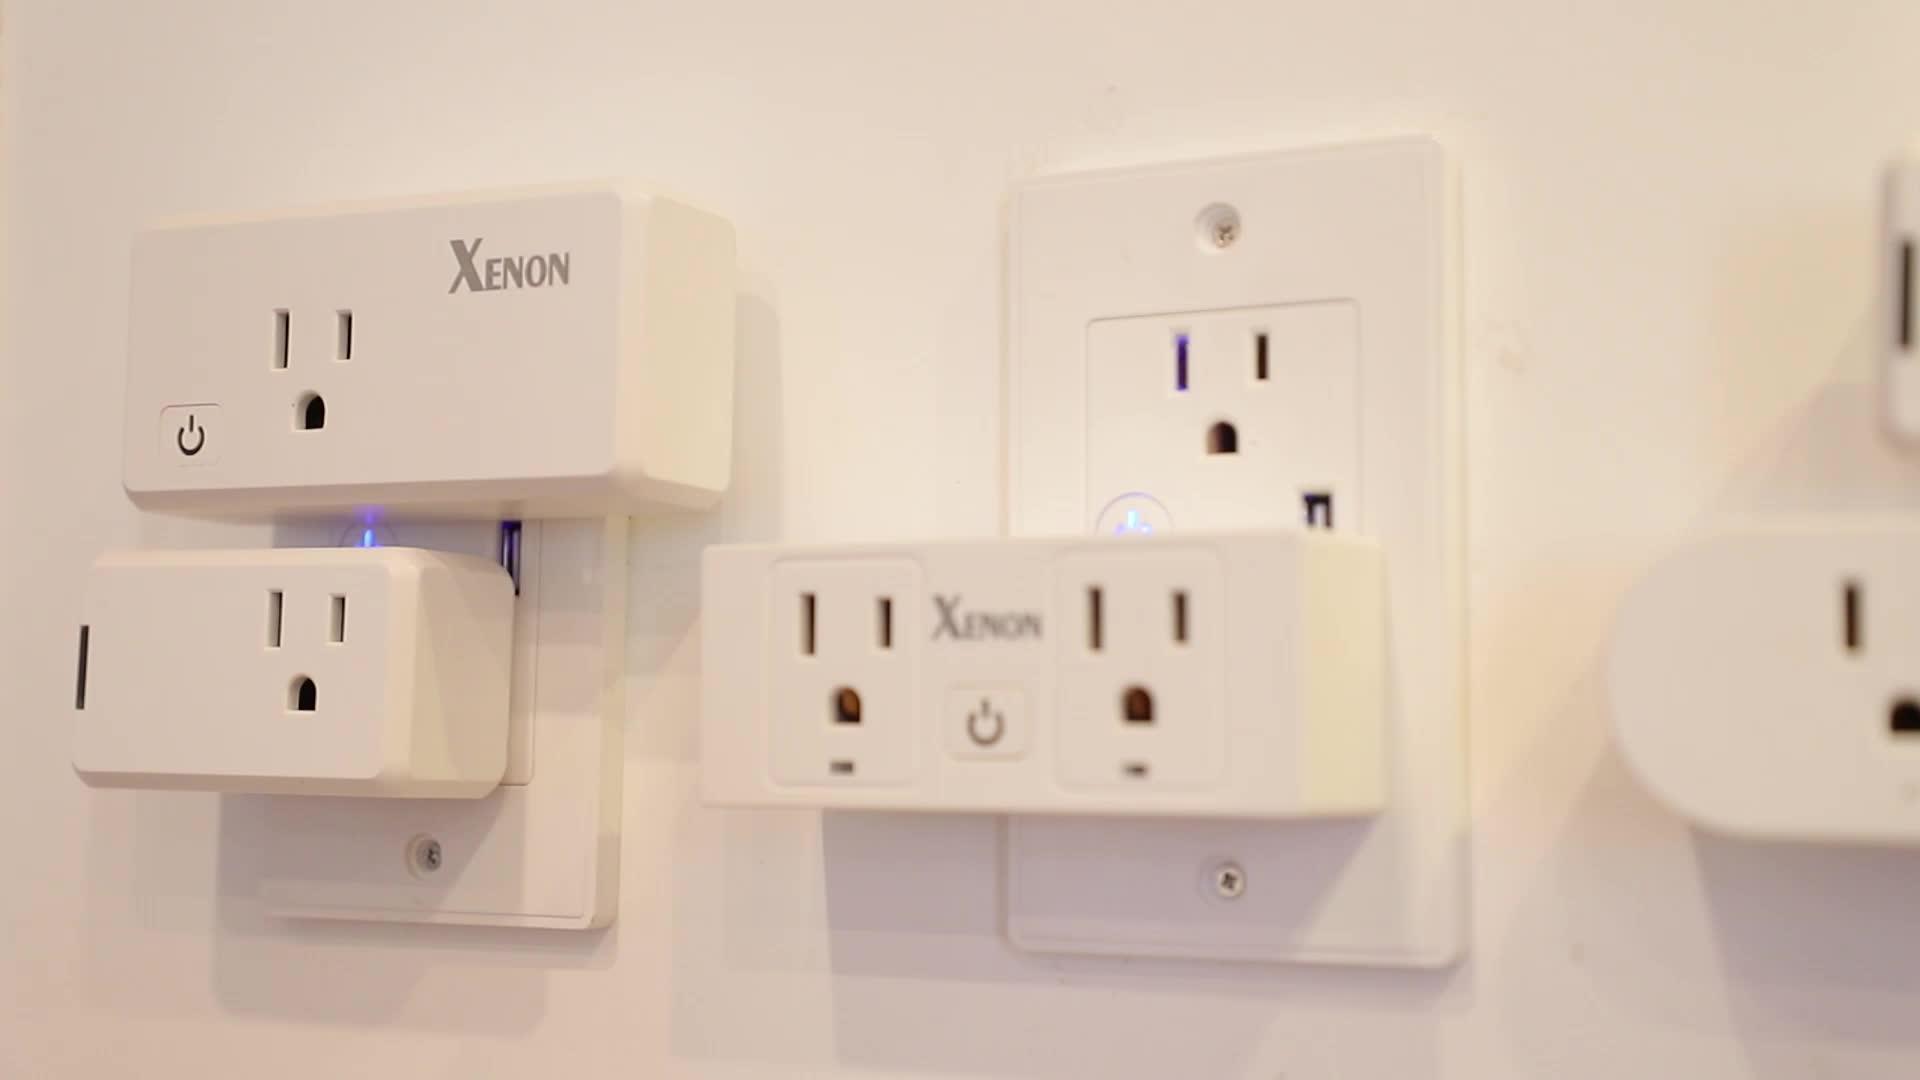 Xenon wifi smart stopcontact 2AC + 1USB ONS standaard werken met Alexa en google assistent afstandsbediening TUYA IFTTT